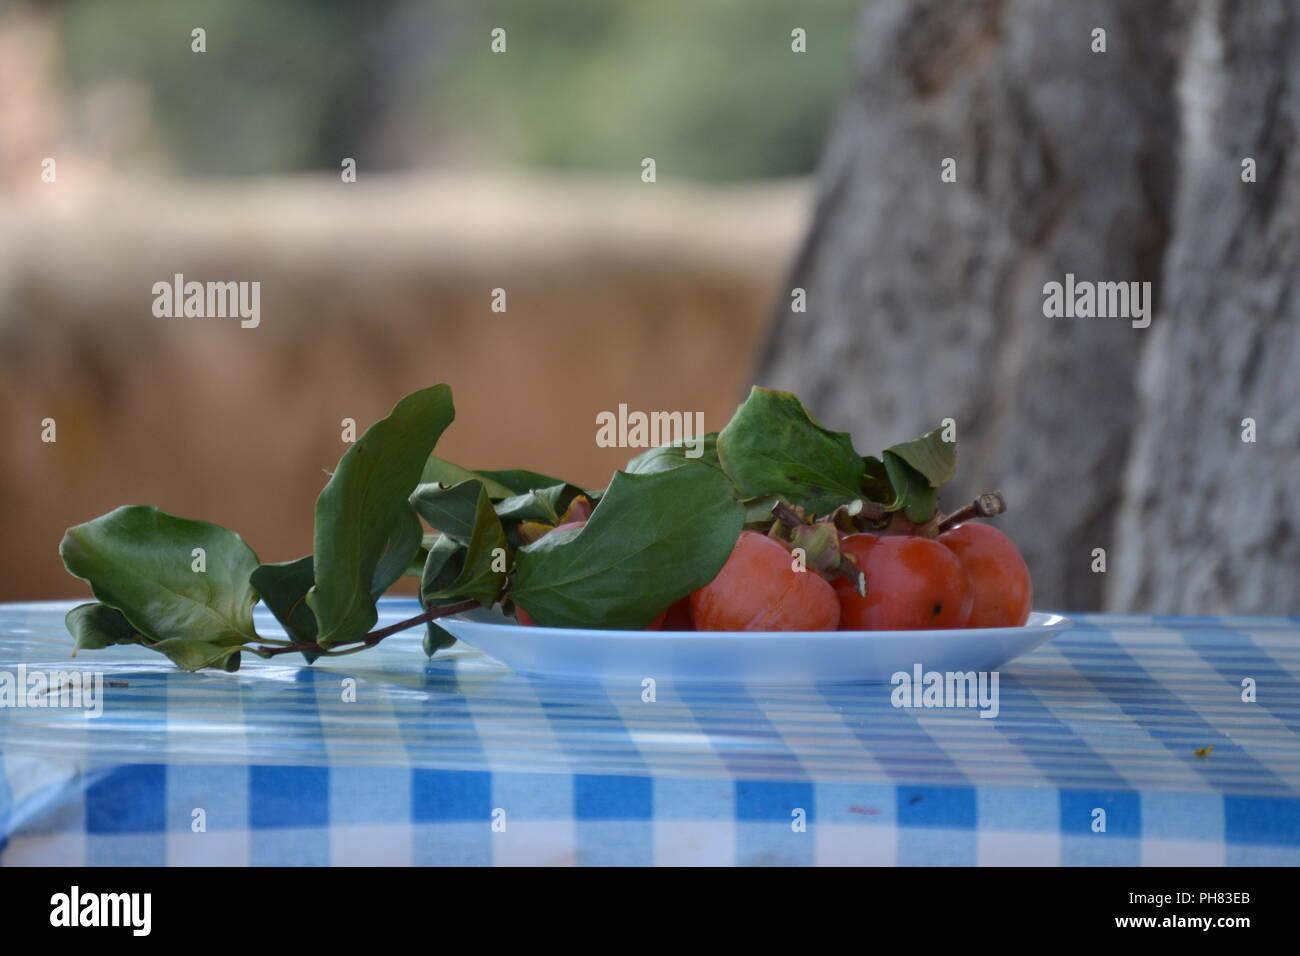 Kaki Früchte auf einem Teller auf einer blau weißen Tischdecke - Stock Image